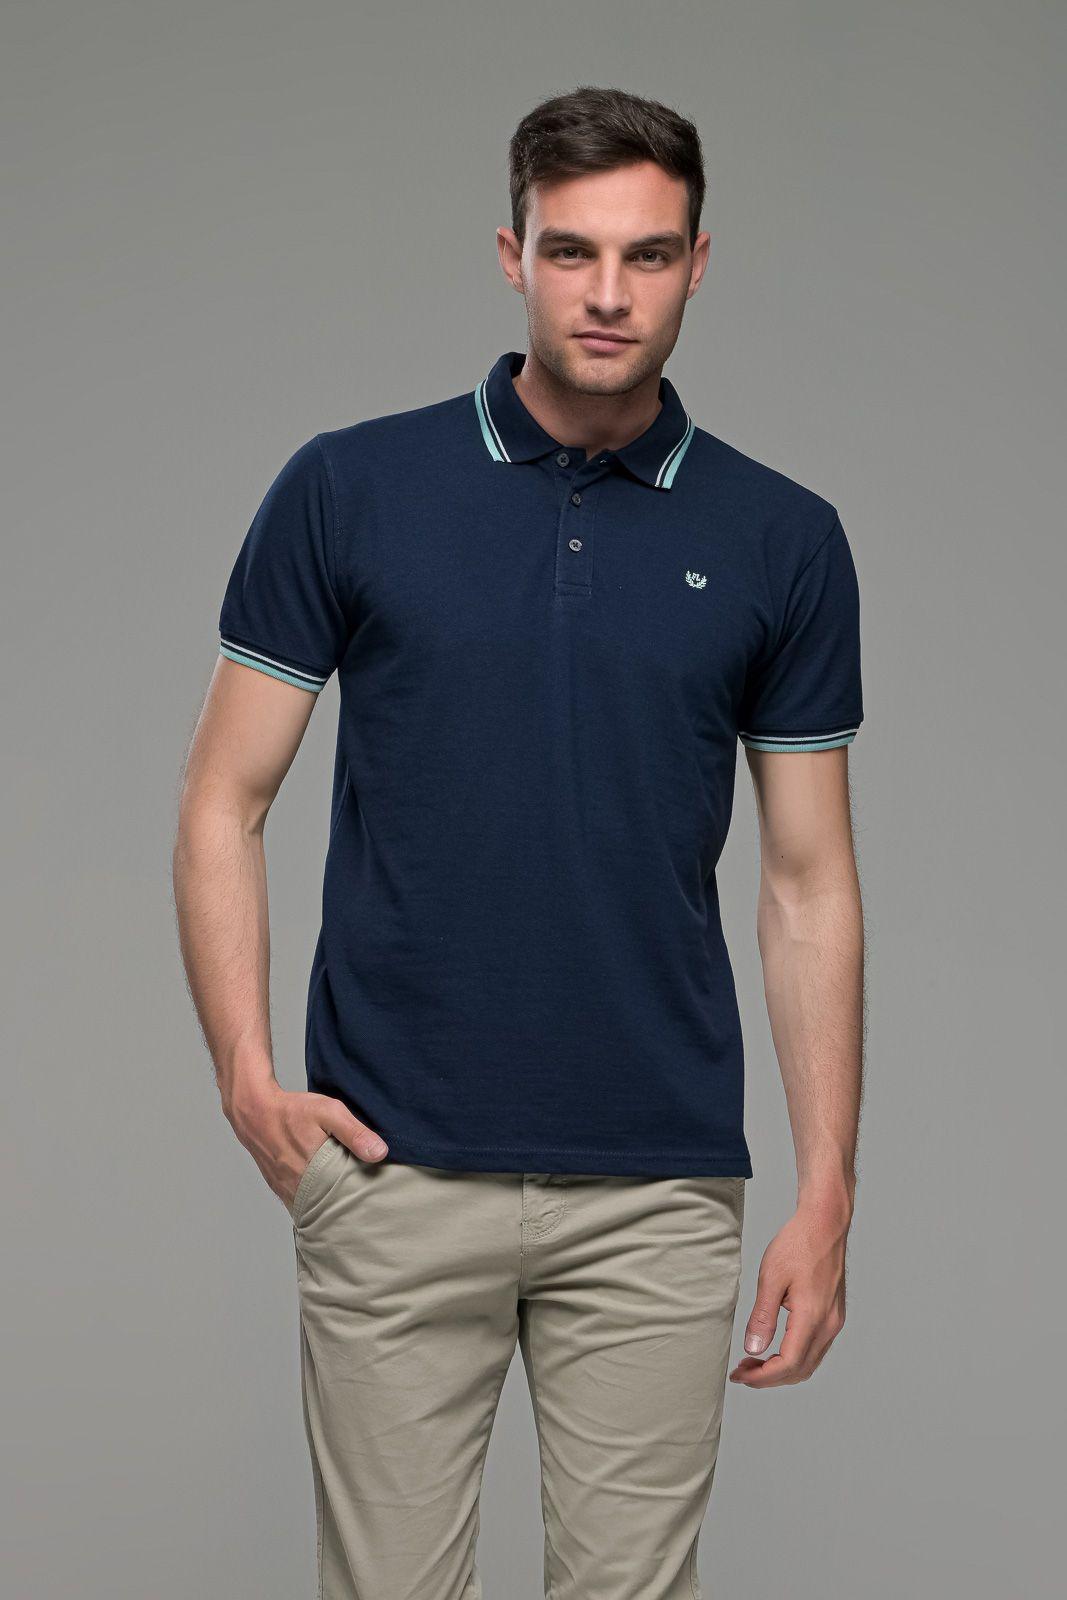 Φθηνό Μπλε Ανδρικό Πόλο Μπλουζάκι με Ρίγα στο Γιακά Καλοκαιρινό Άνετο - Regular Fit